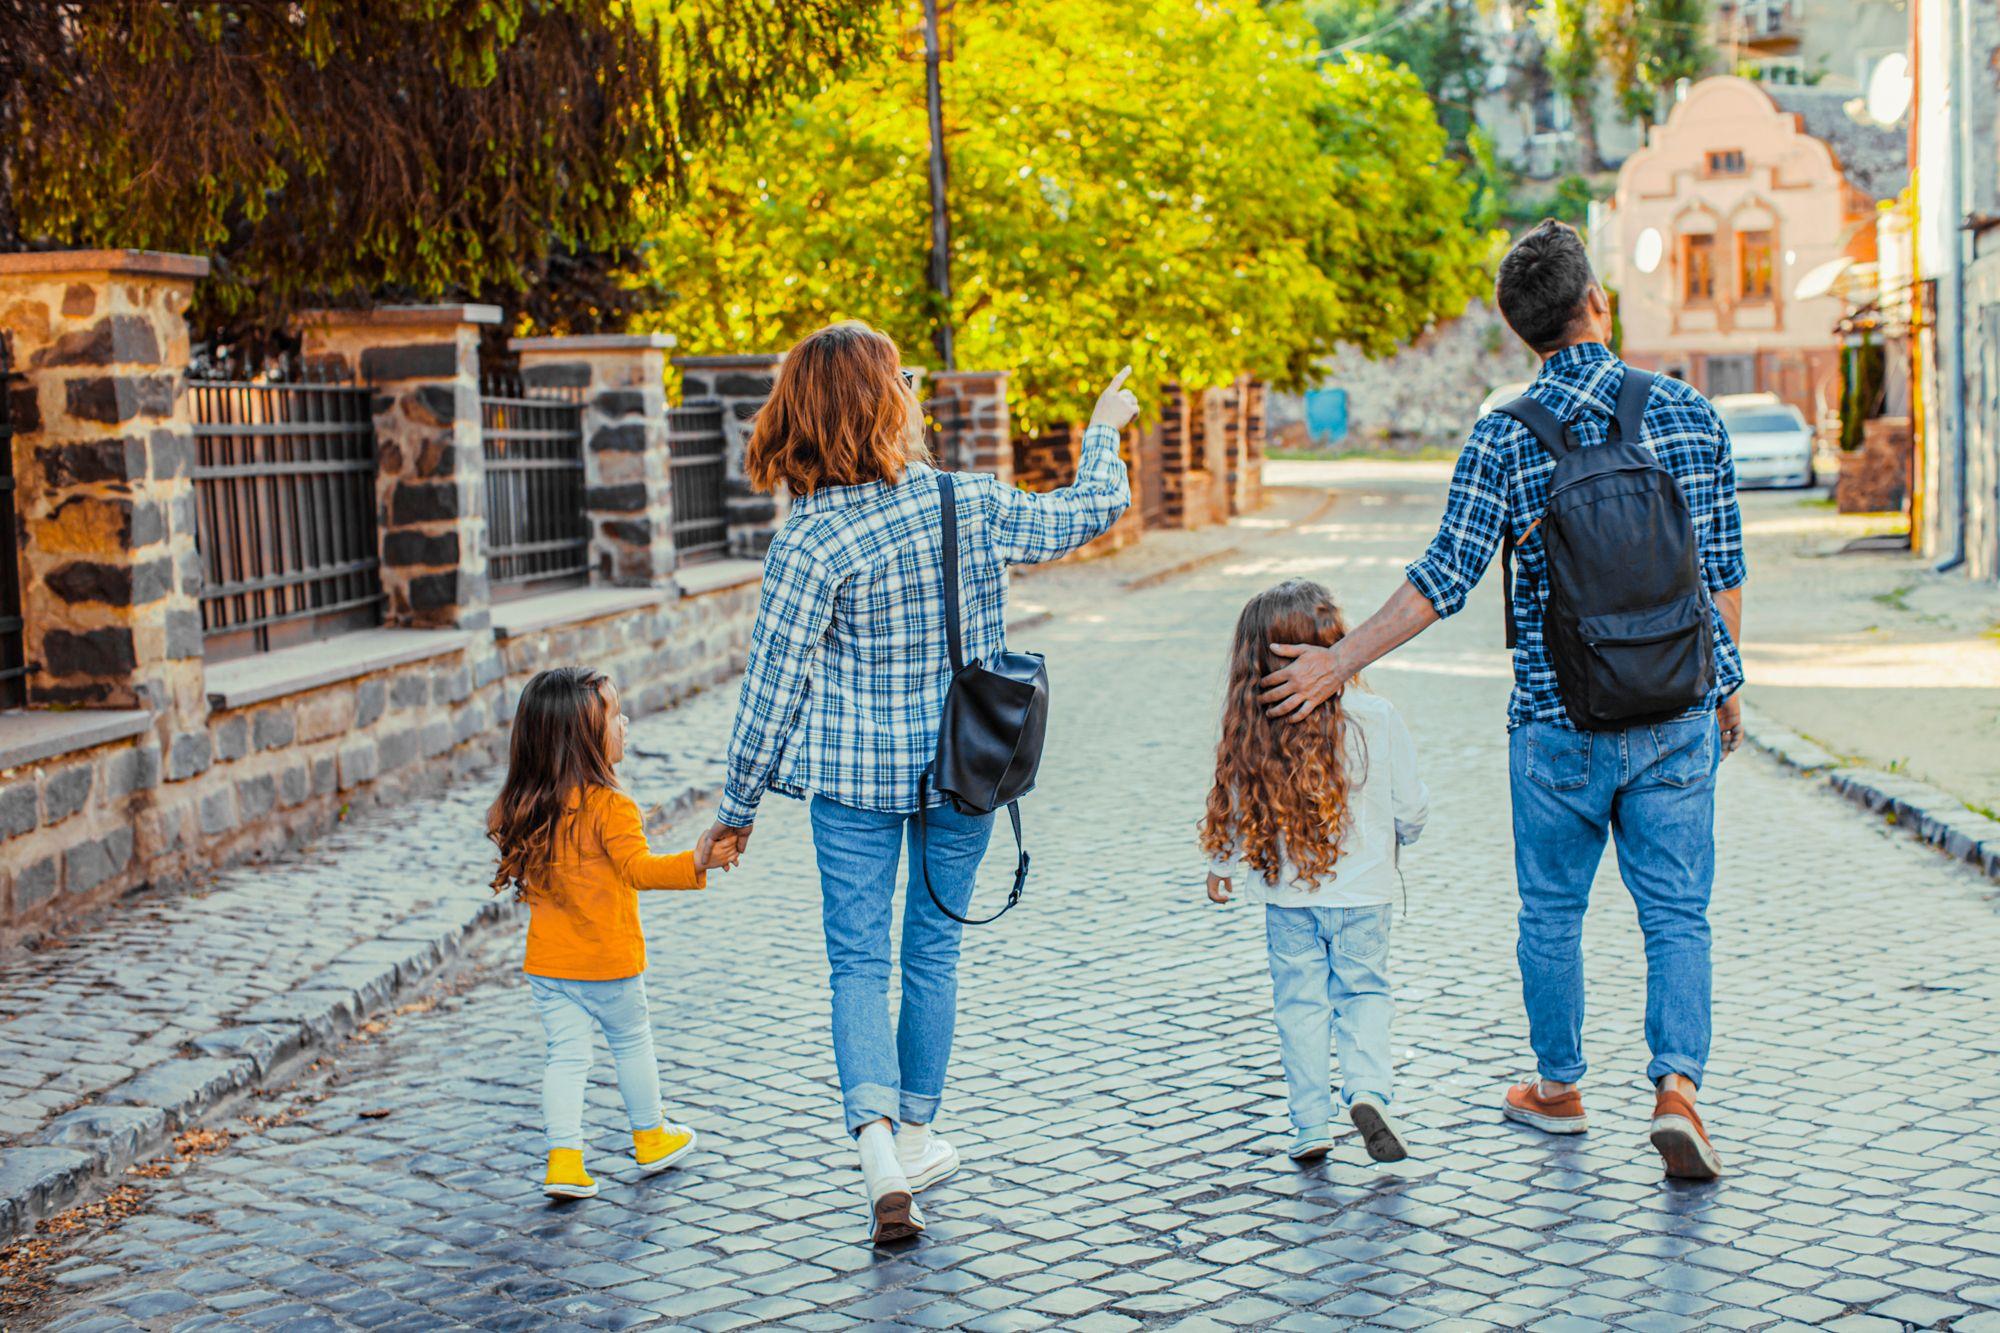 Family City Tourism